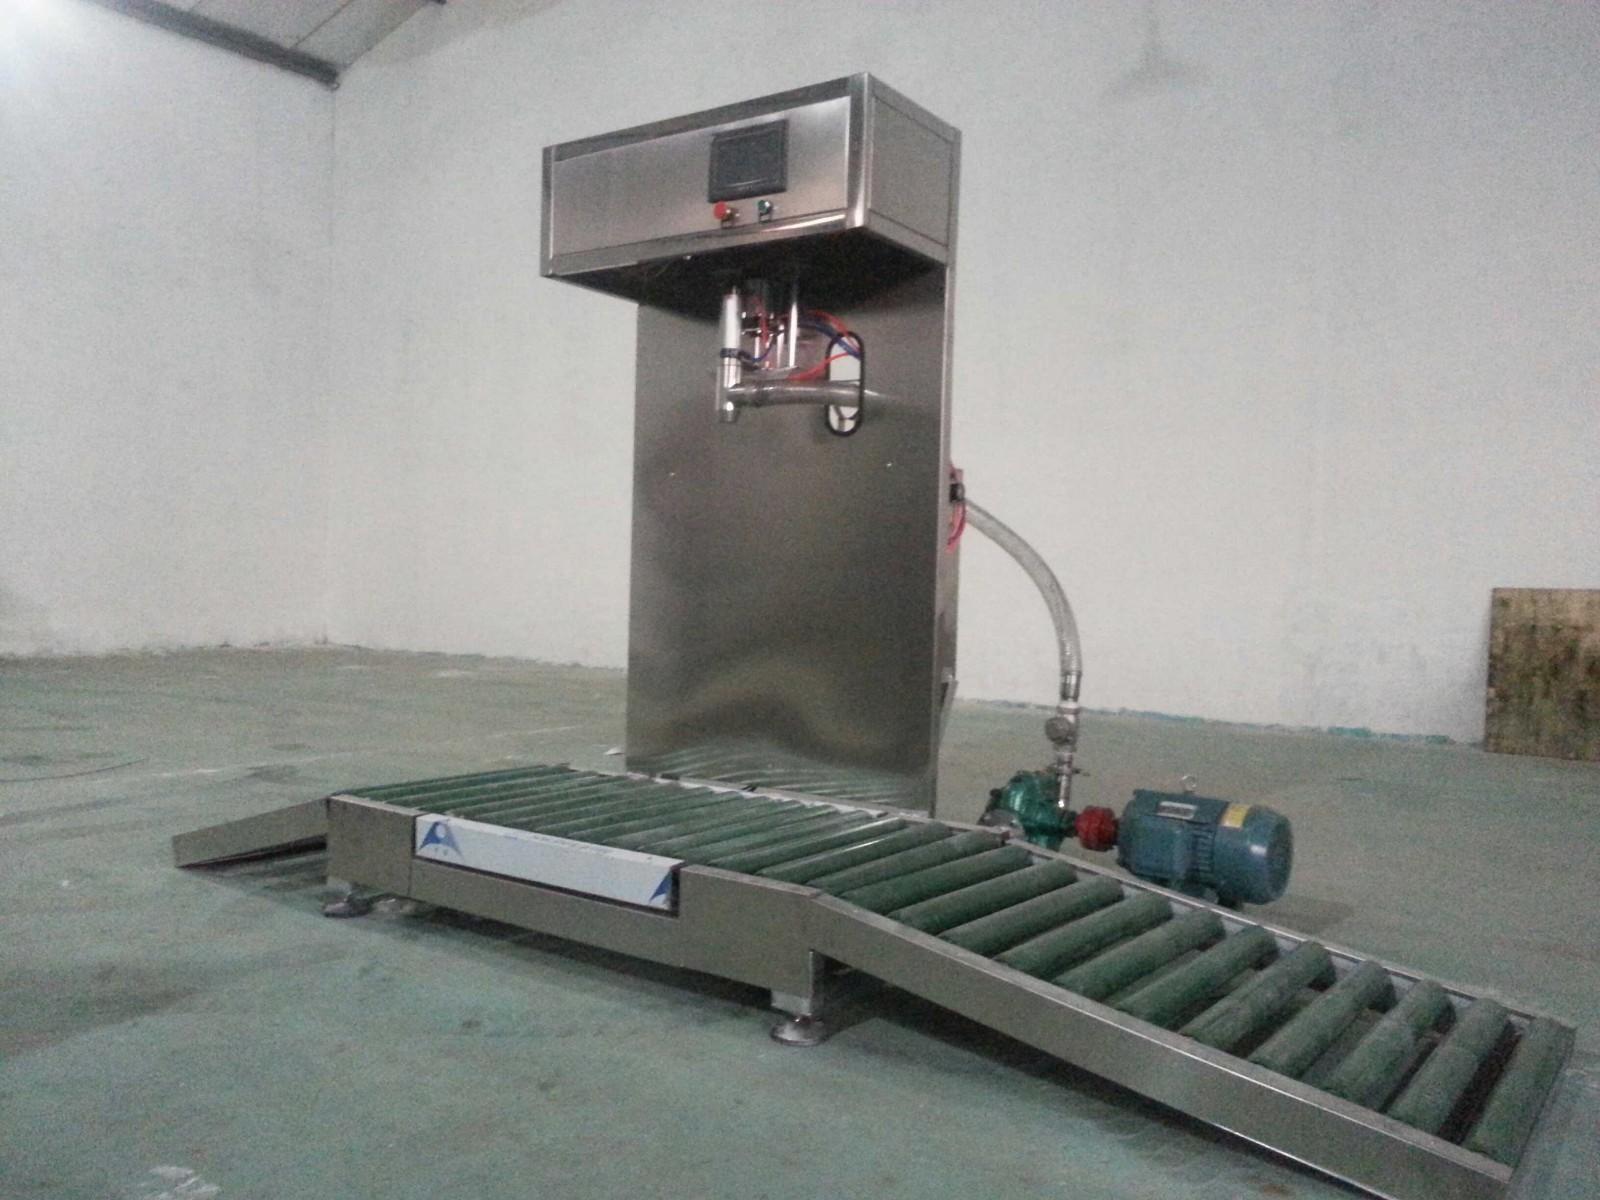 在不影响使用性能和功能需要的前提下,可根据贵单位的生产环境和物料特性及设备管理的需要进行现场设计以及选配外部设备隔膜泵过滤机 滚筒输送机;可选机型: 普通型防爆型 标准型 功能特点: .整套系统采用隔爆型标准制造,防爆等级:EXdIIBT4 .设备采用称重式定量灌装,人工上桶桶口、自动扣除桶皮重,定量灌装 .